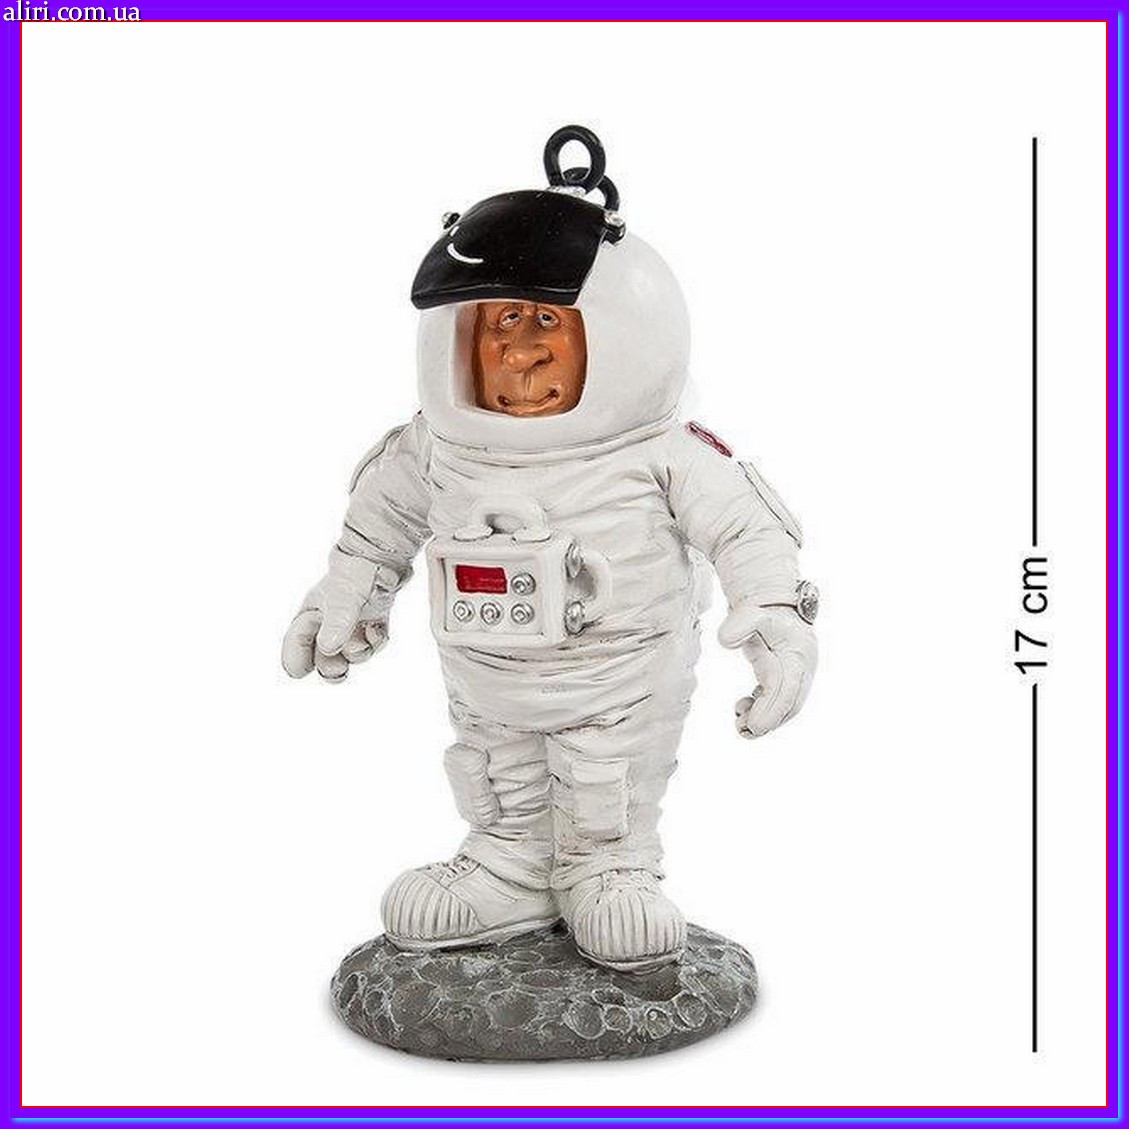 Статуэтка Астронавт 17 см W.Stratford, прикольный подарок